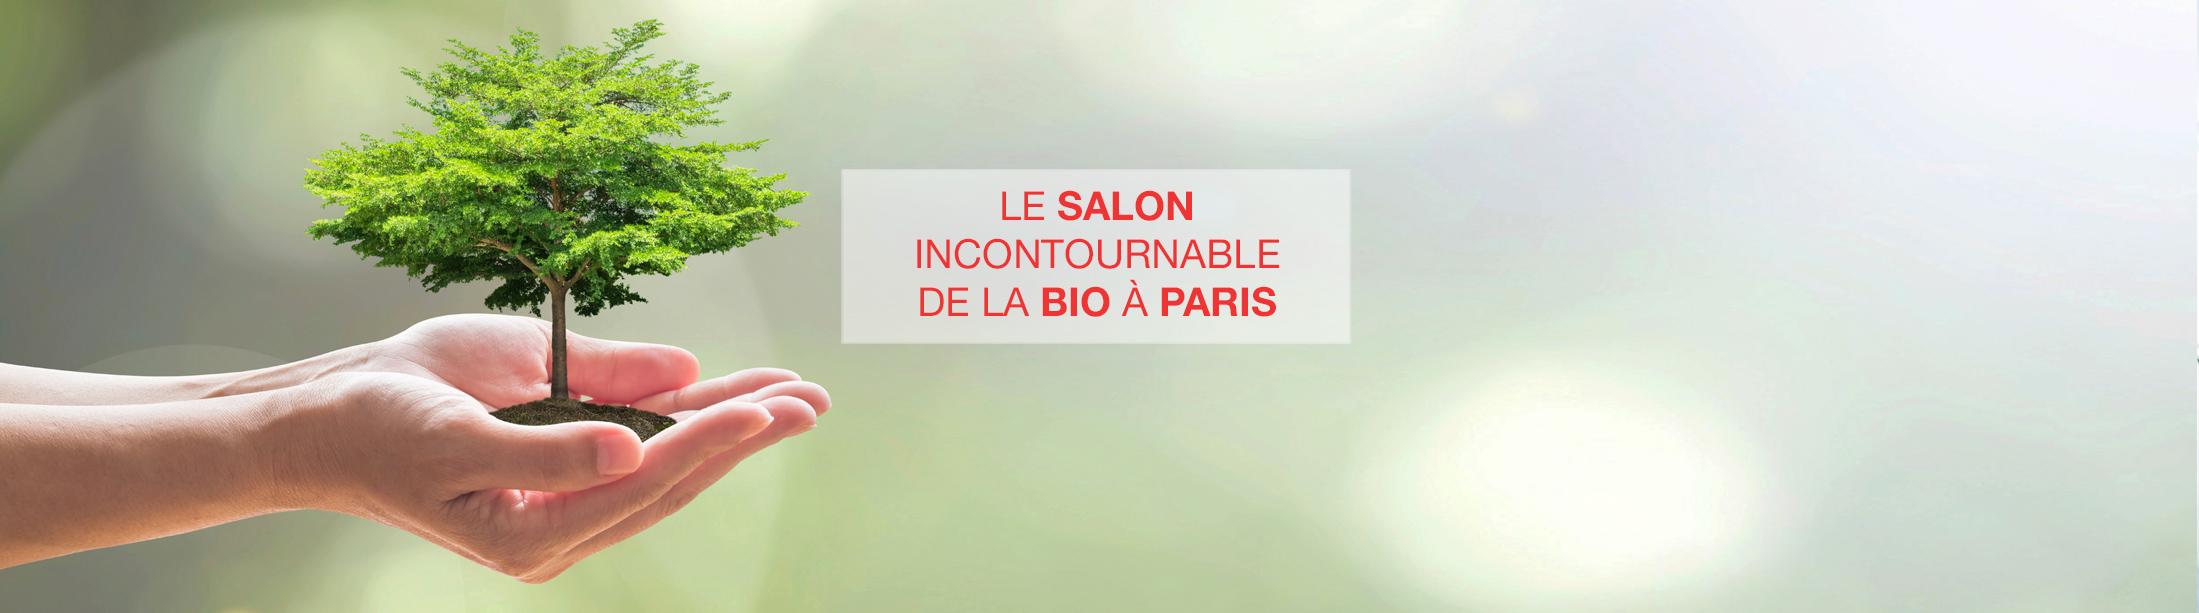 Slider vivez nature paris 2 vivez nature lyon for Salon vivez nature